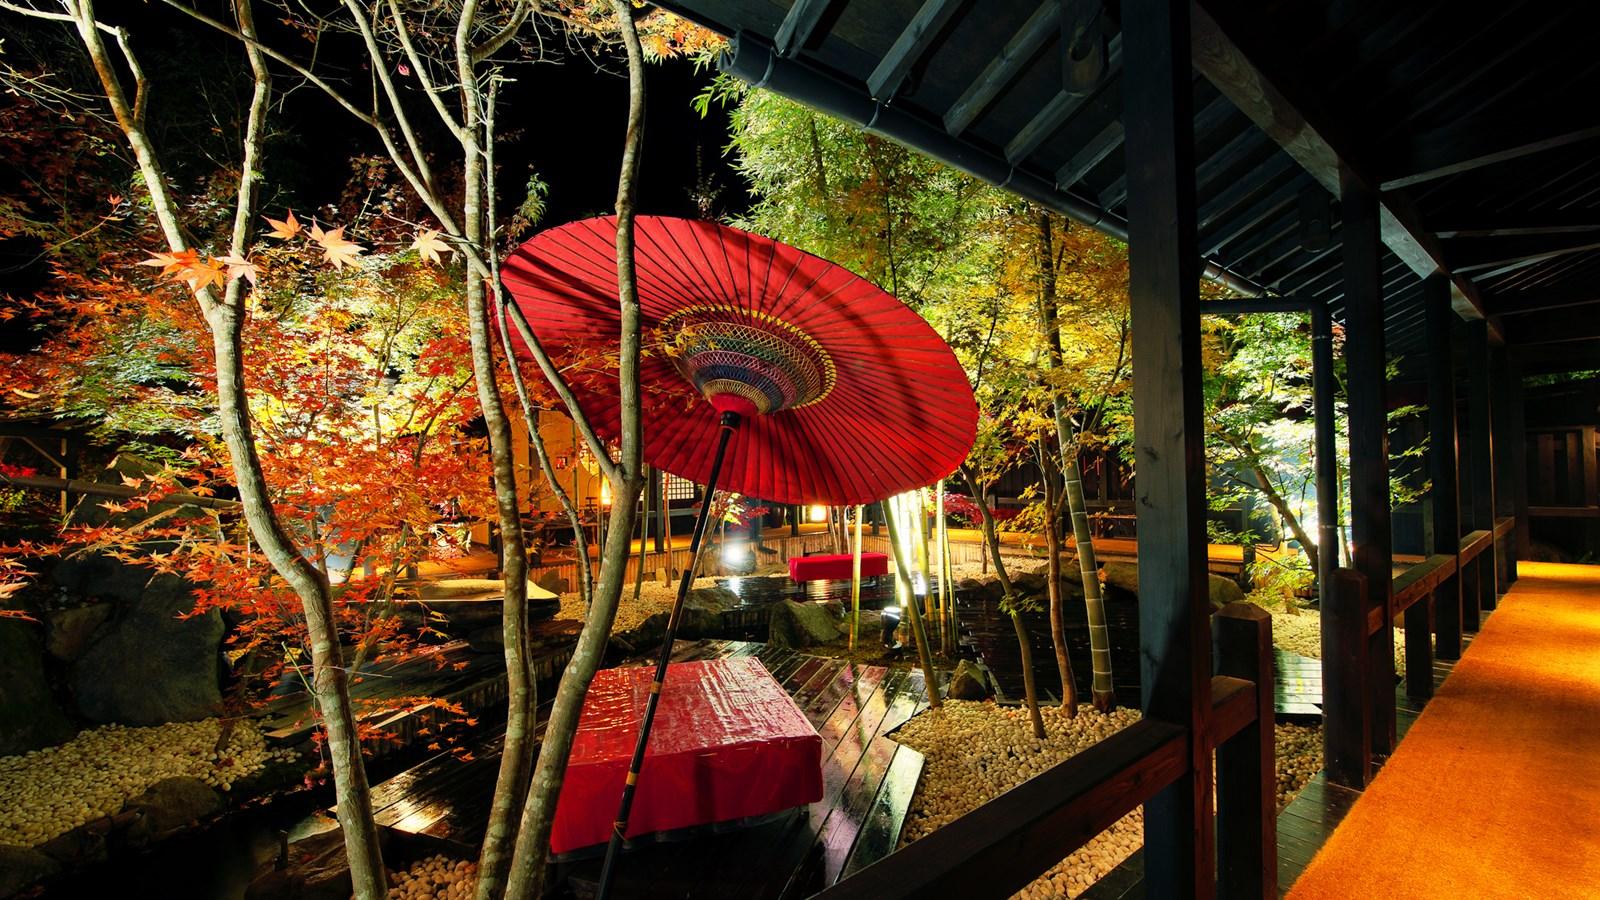 003_autumn_1600x900